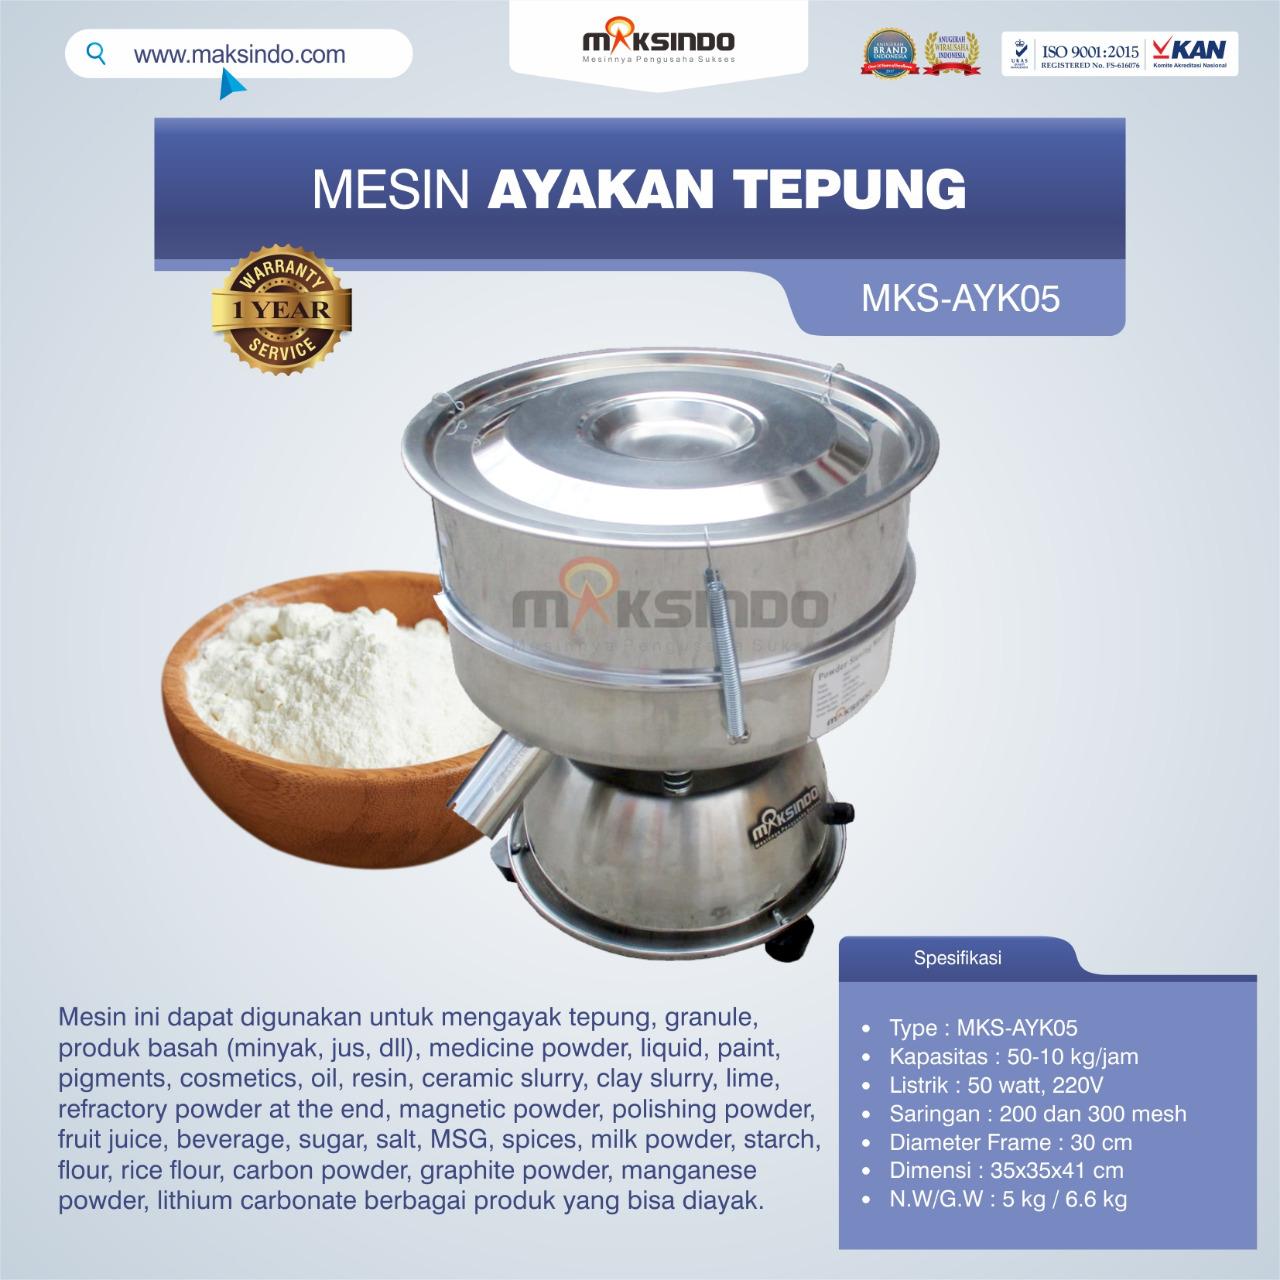 Jual Mesin Ayakan Tepung MKS-AYK05 di Makassar